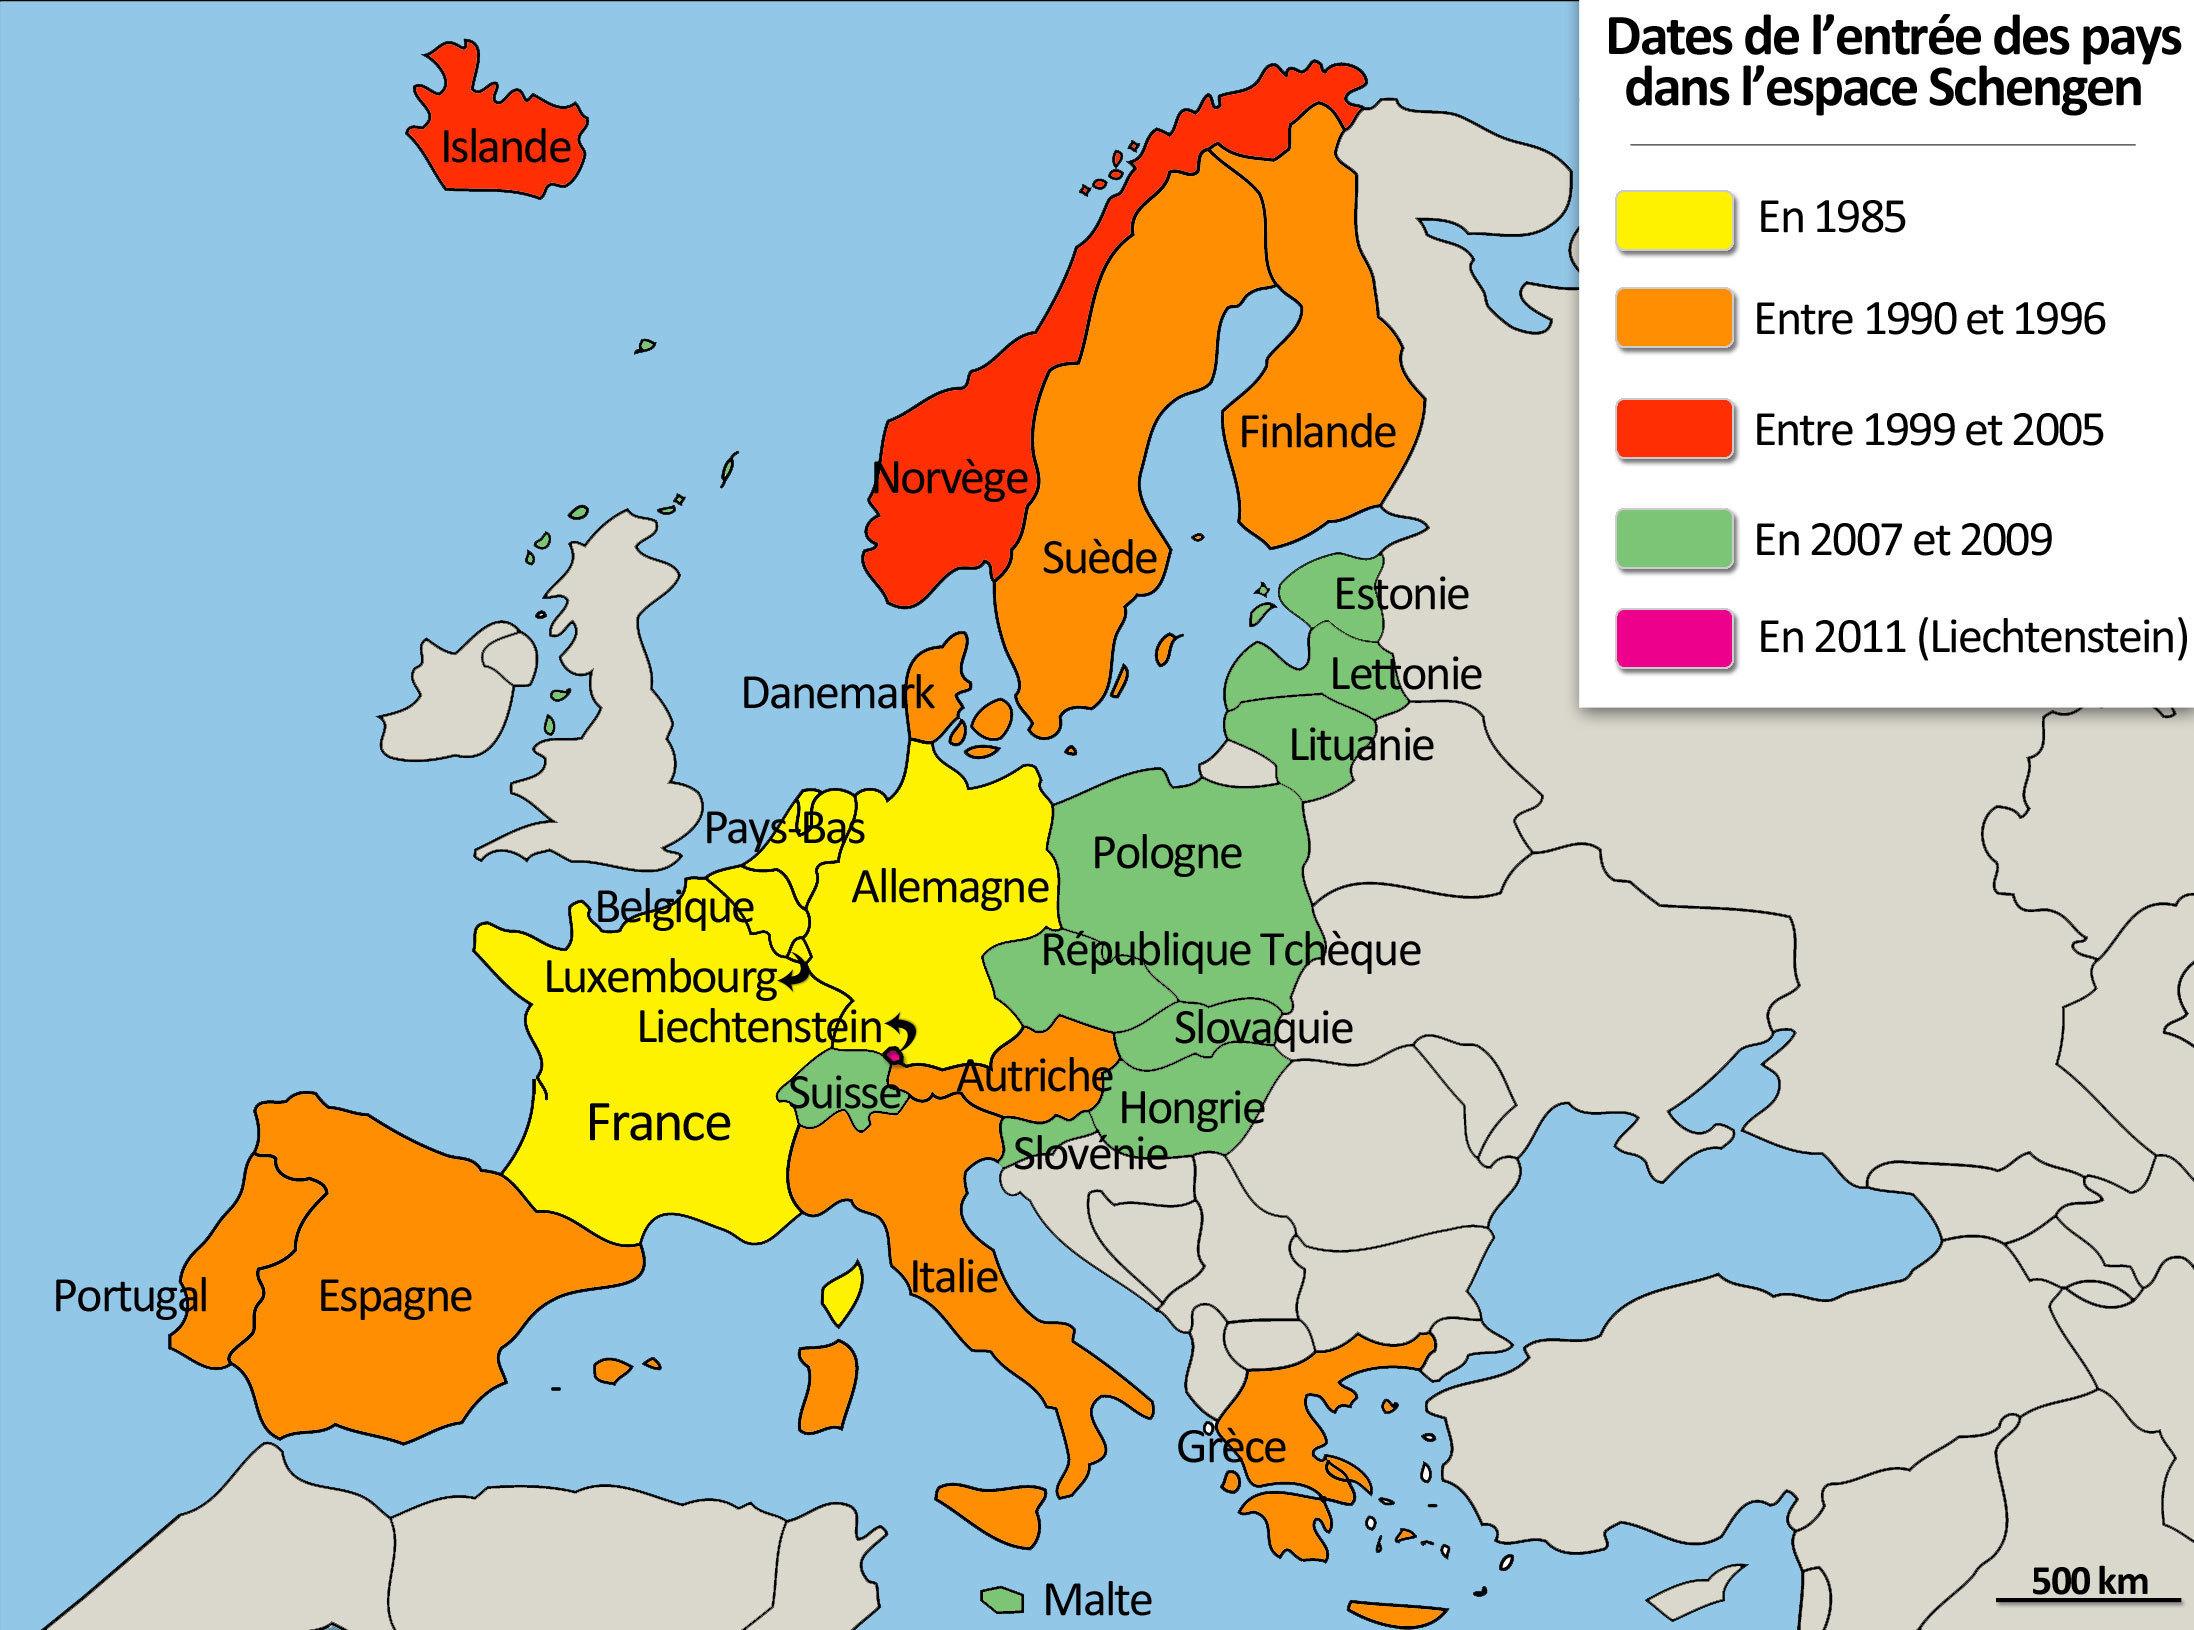 Bonsoir, J'ai Vraiment Besoin De Votre Aide Seulement Pour à Pays Union Européenne Liste